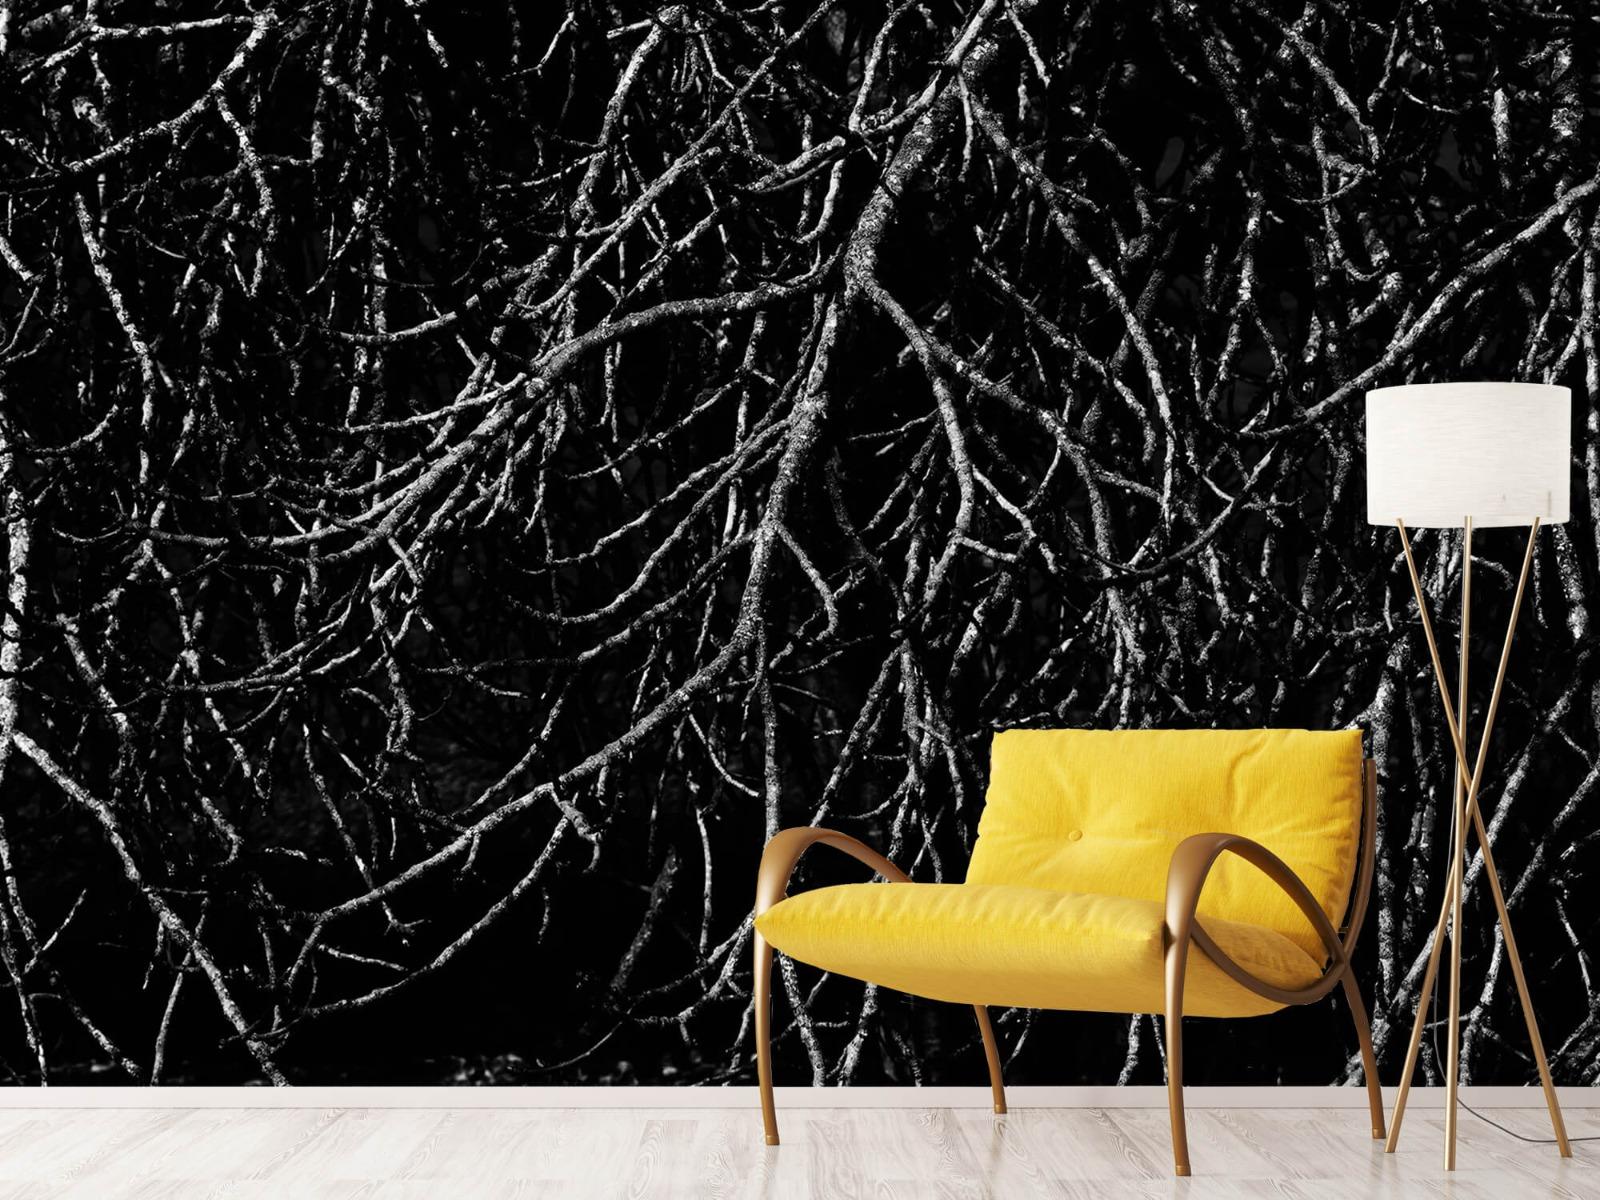 Zwart Wit behang - Boomtakken in zwart wit - Magazijn 11